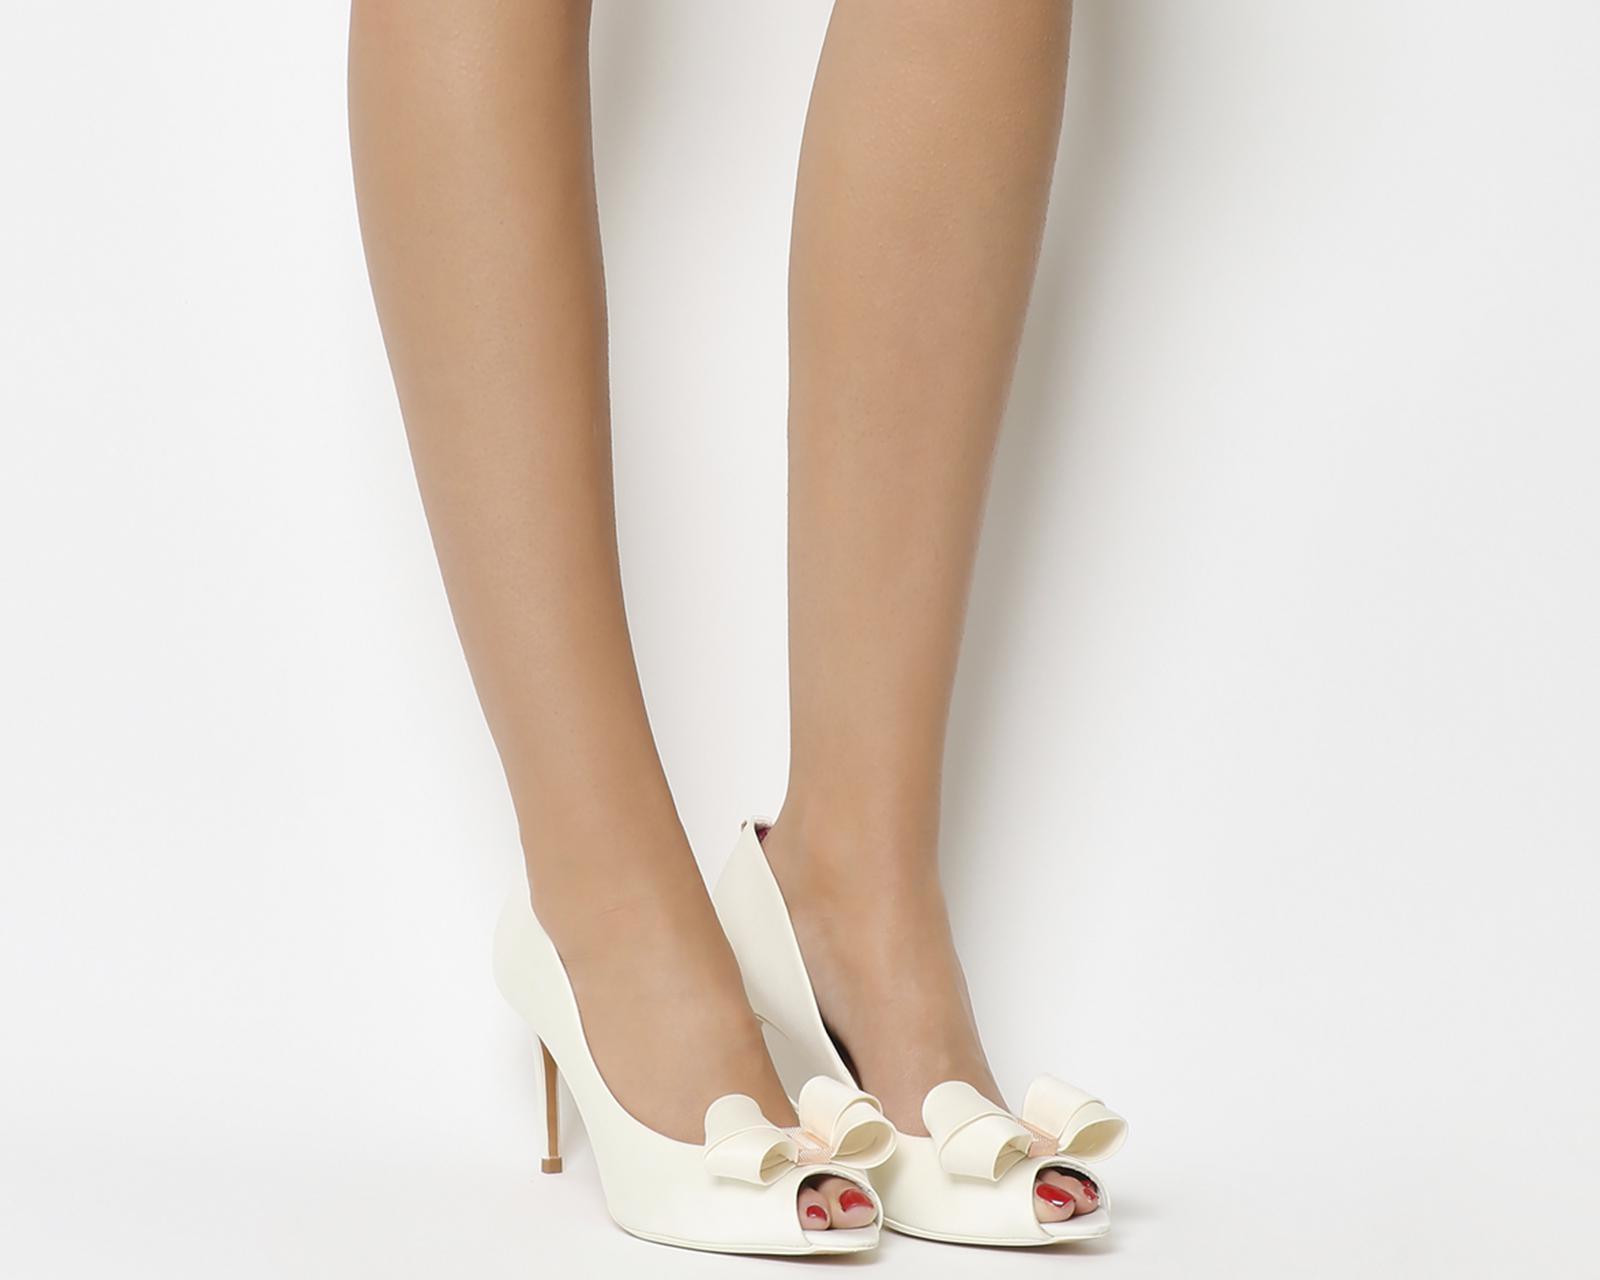 61ded4cafd94c Lyst - Ted Baker Vylett Peep Toe Heels in White